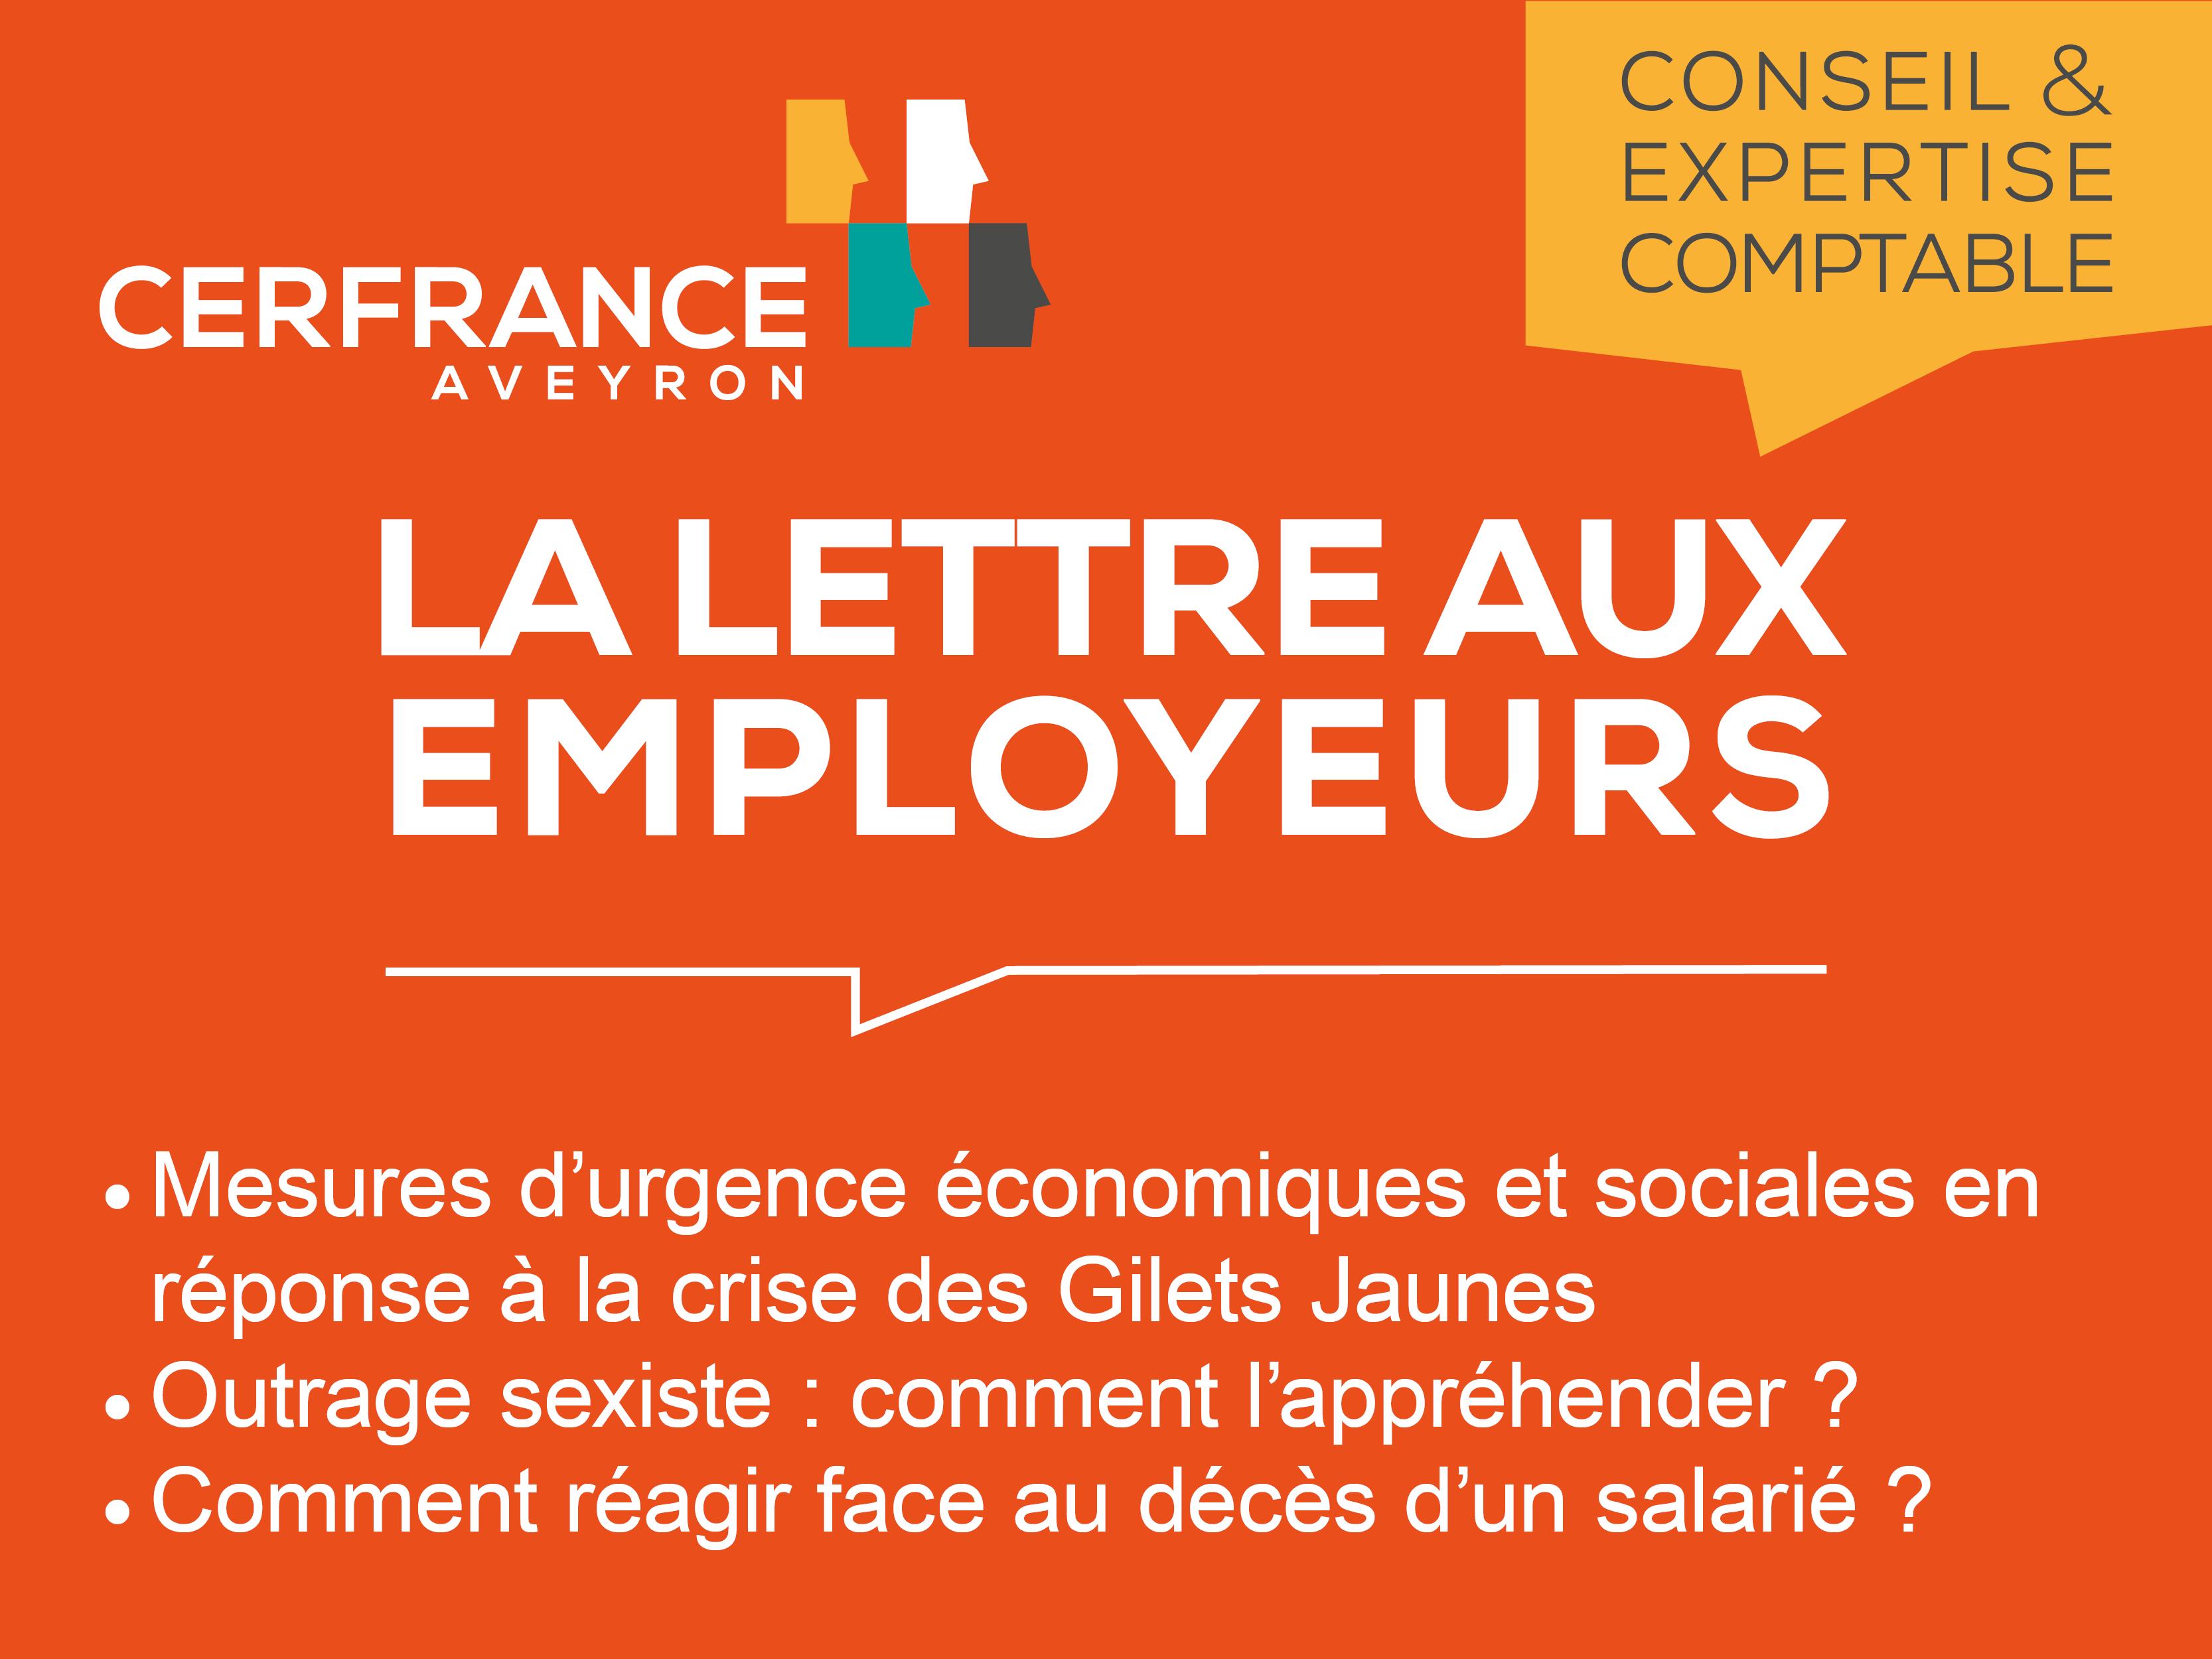 Lettre aux employeurs - Janvier 2019